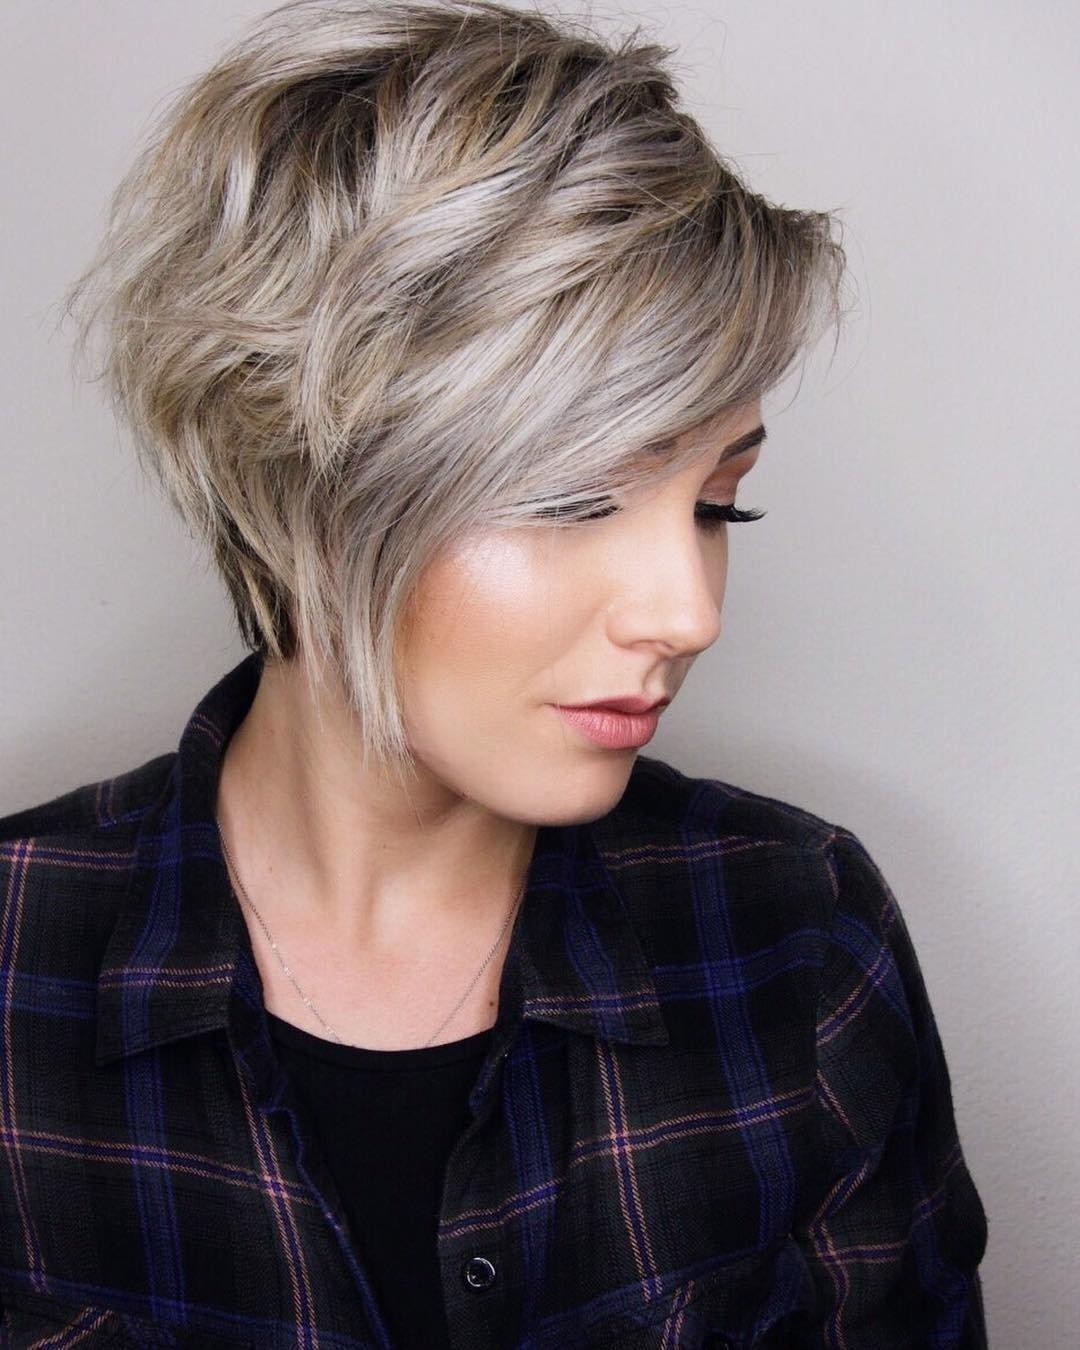 10 Nice Haircut Ideas For Short Hair 10 trendy layered short haircut ideas for 2017 2018 extra inside 2021